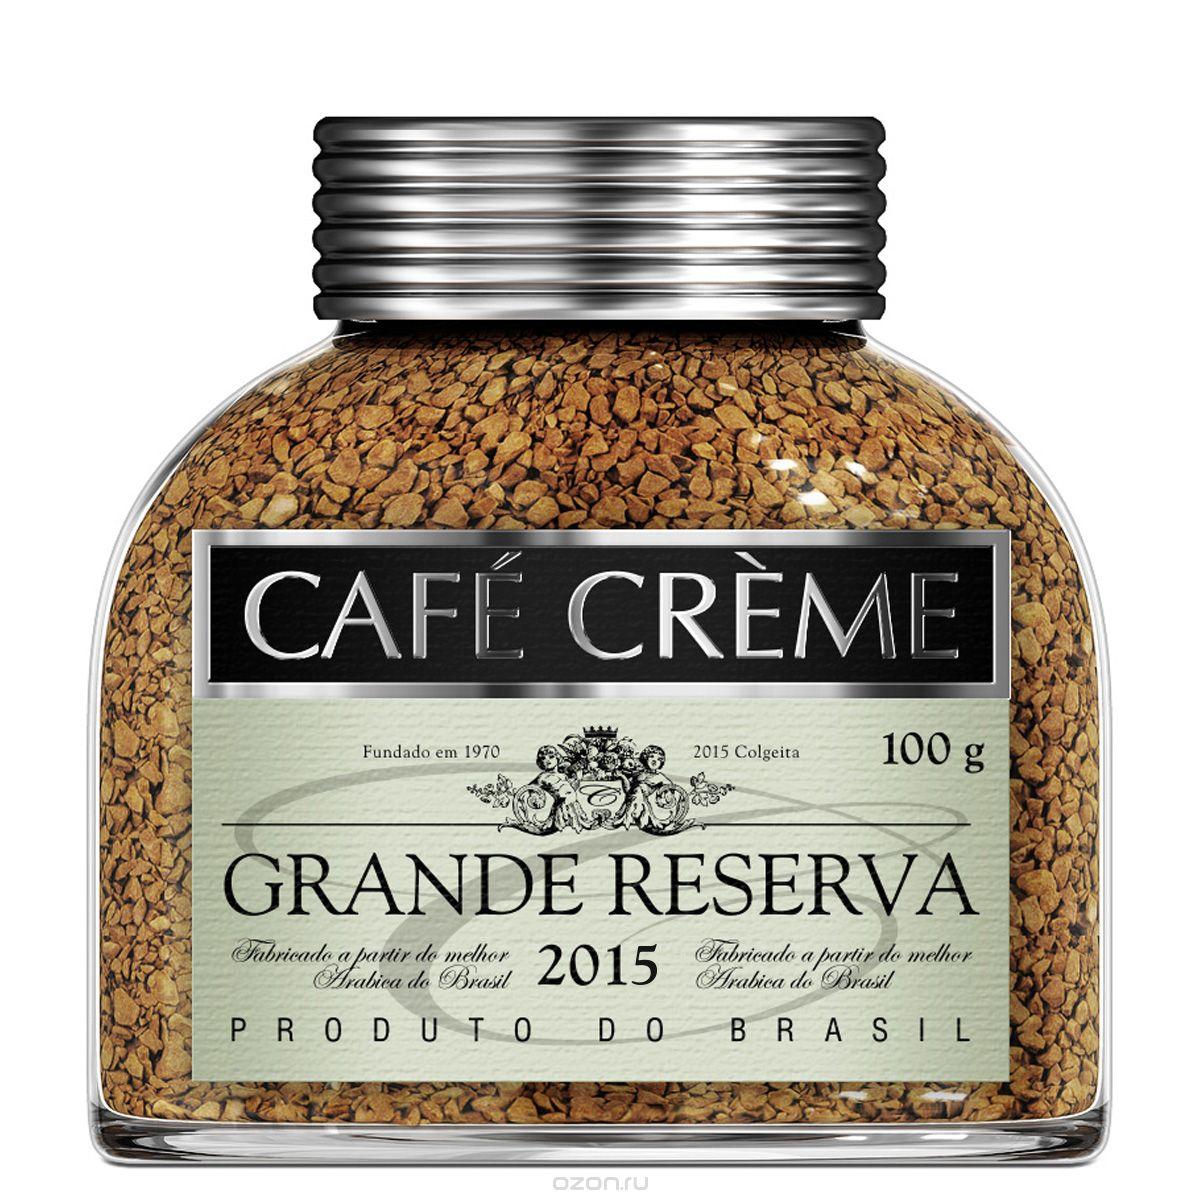 Cafe Creme Grande Reserva кофе растворимый, 100 г4607141336461Cafe Creme Grande Reserva - это кофе, созданный из зерен высочайшего качества, который обладает прекрасным кремовым, густым и бархатным вкусом и имеет насыщенный, интенсивный аромат. Зарезервируйте свою баночку, чтобы сохранить в памяти настоящий зажигательный бразильский кофе, рождённый уникальными погодными условиями.Уважаемые клиенты! Обращаем ваше внимание на то, что упаковка может иметь несколько видов дизайна. Поставка осуществляется в зависимости от наличия на складе.